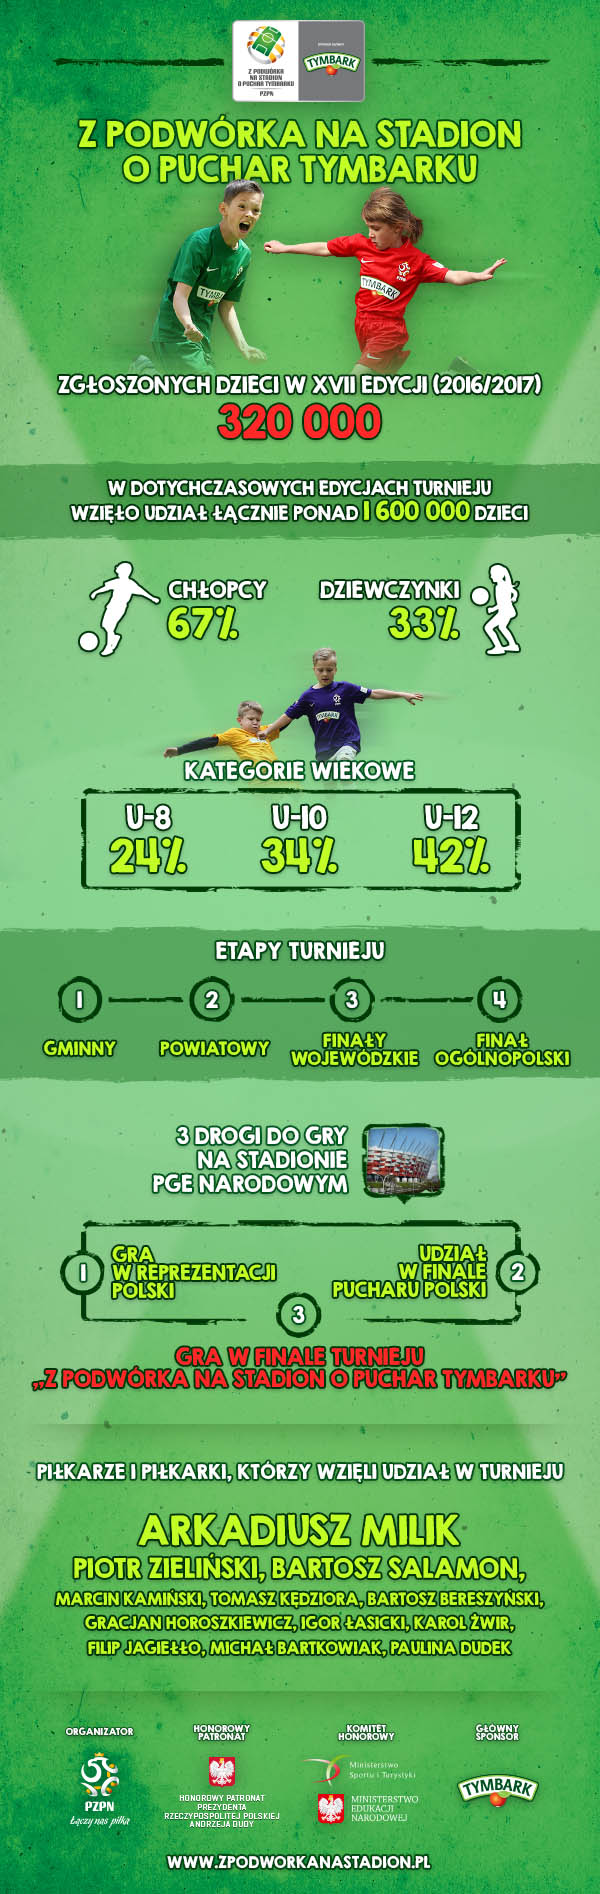 podsumowanie_zapisow-infografika_600p